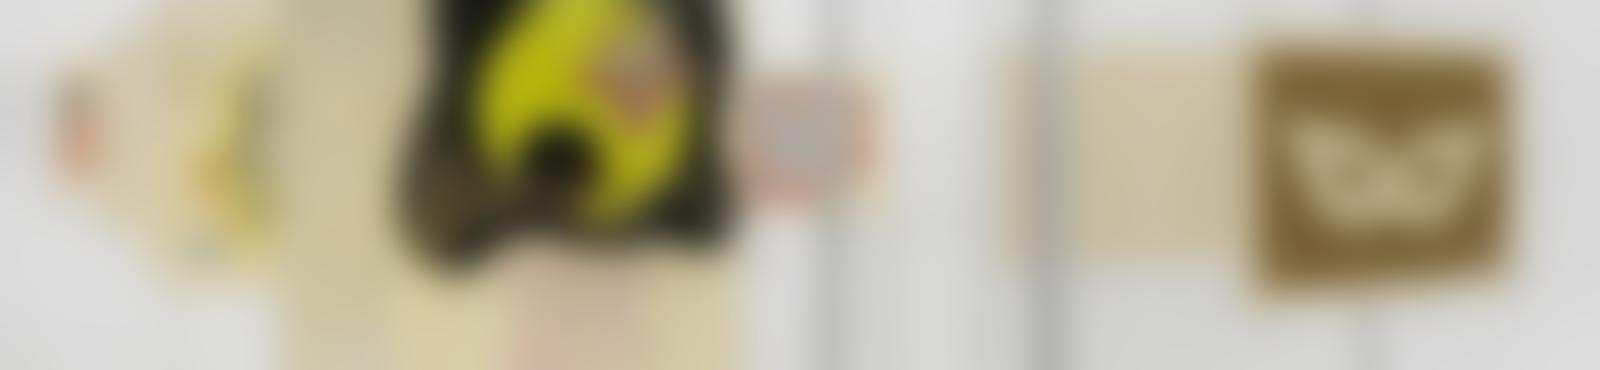 Blurred 60611bdd 4a83 4242 96f5 c02387adab28